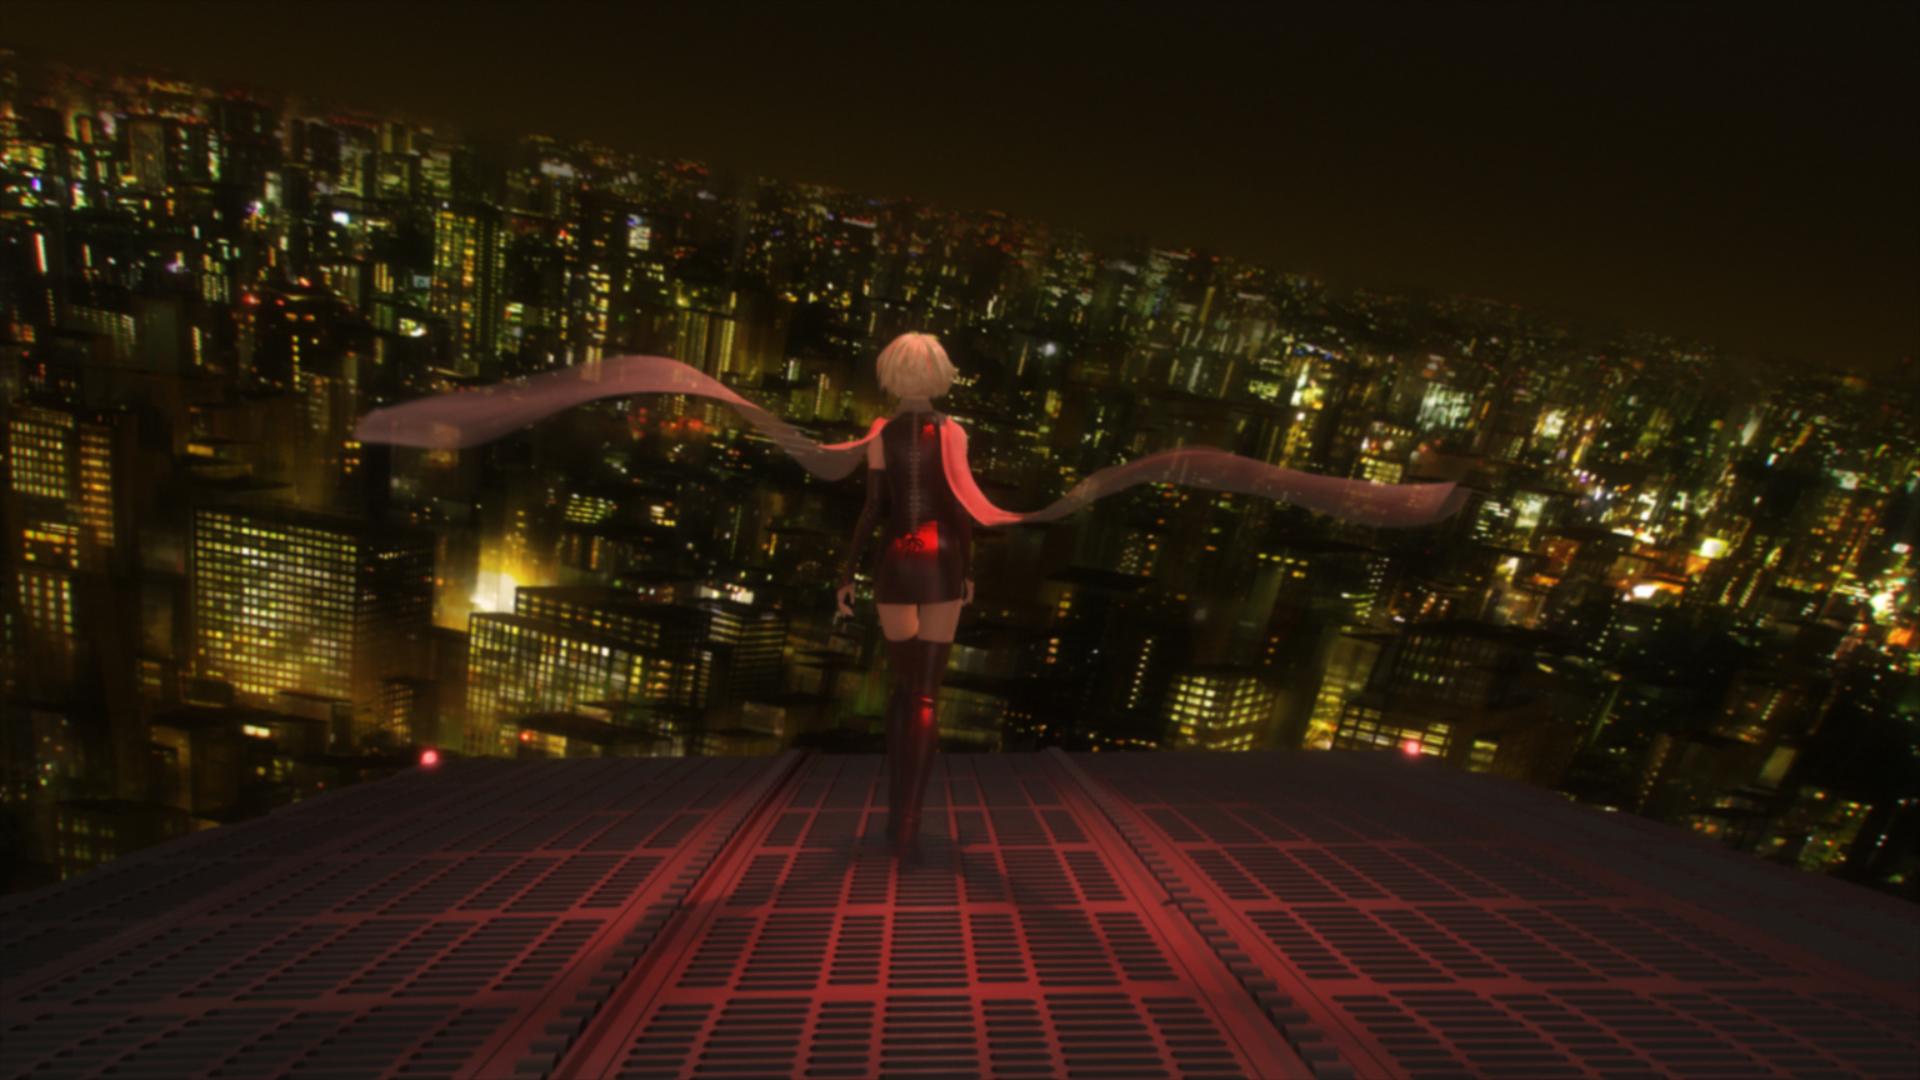 100929(2) - 由「押井守×川井憲次×Production I.G」黃金組合製作的3D立體動畫《Cyborg 009》將在10/5首映!